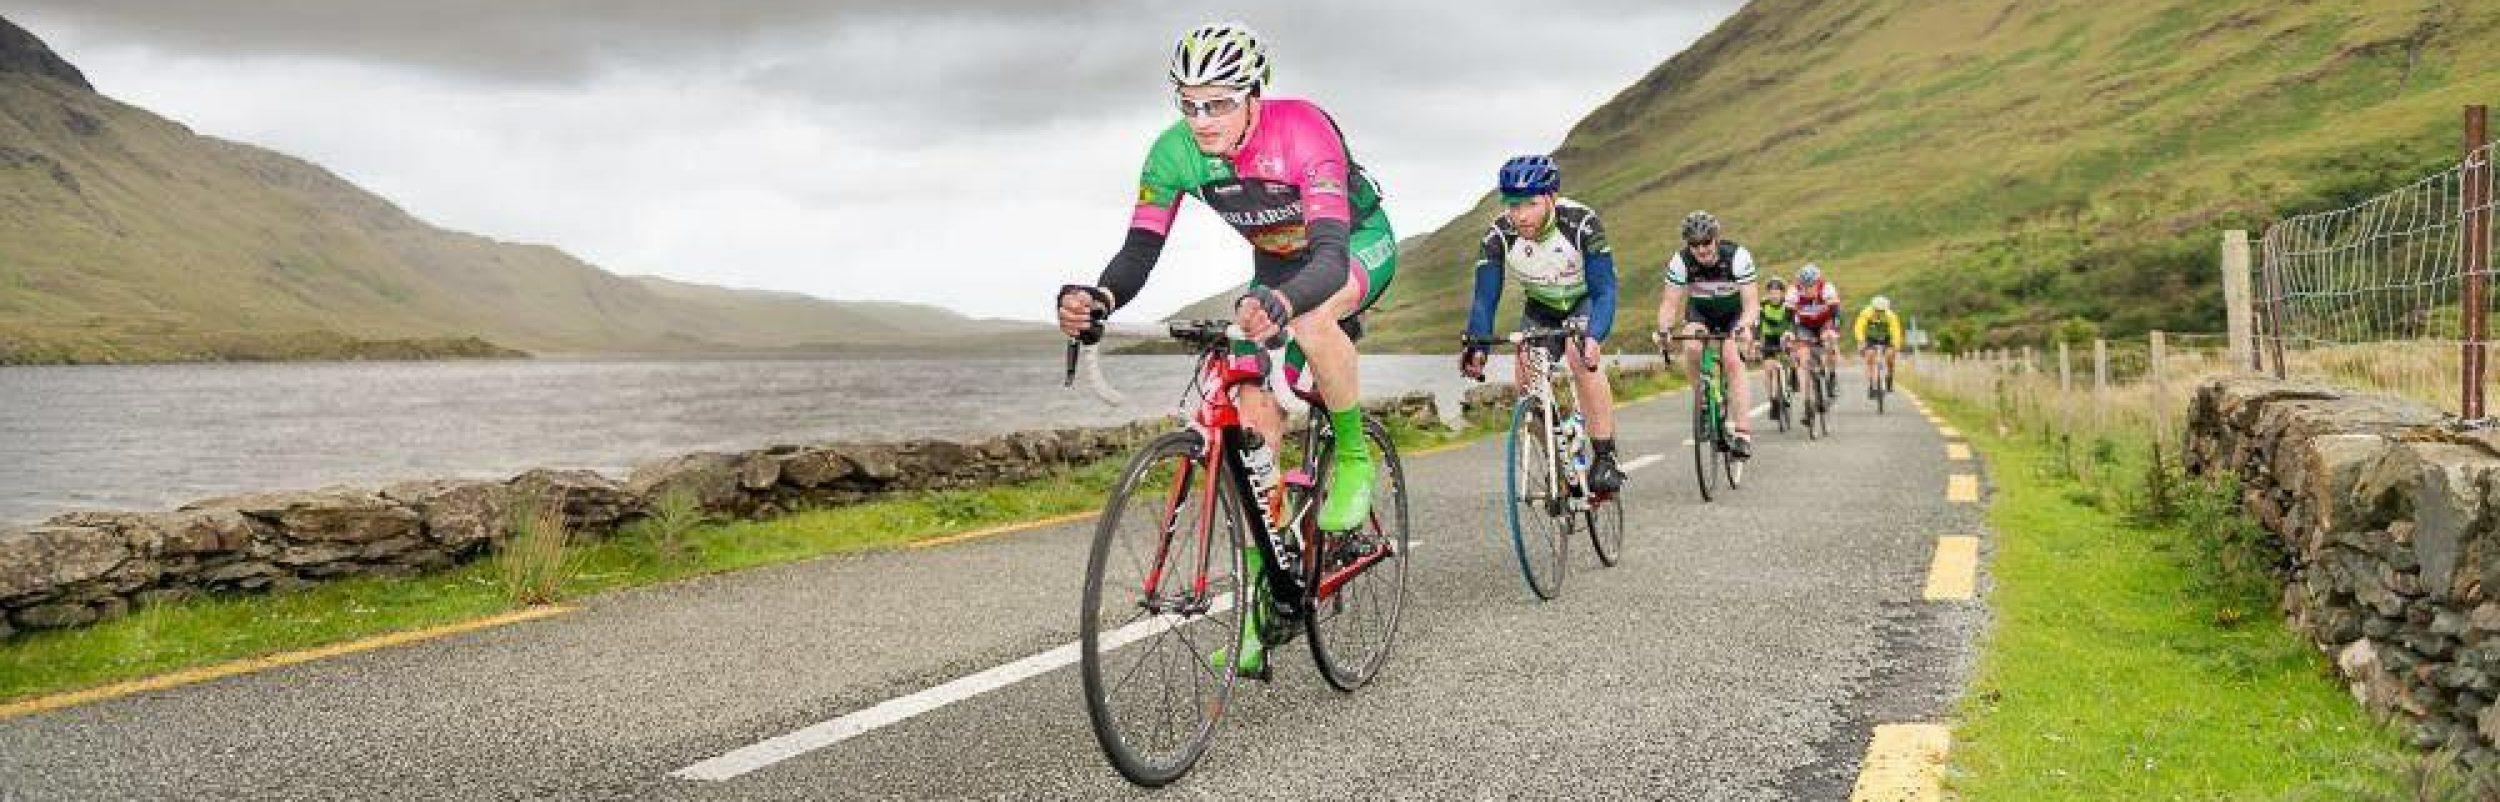 Castlebar Cycling Club